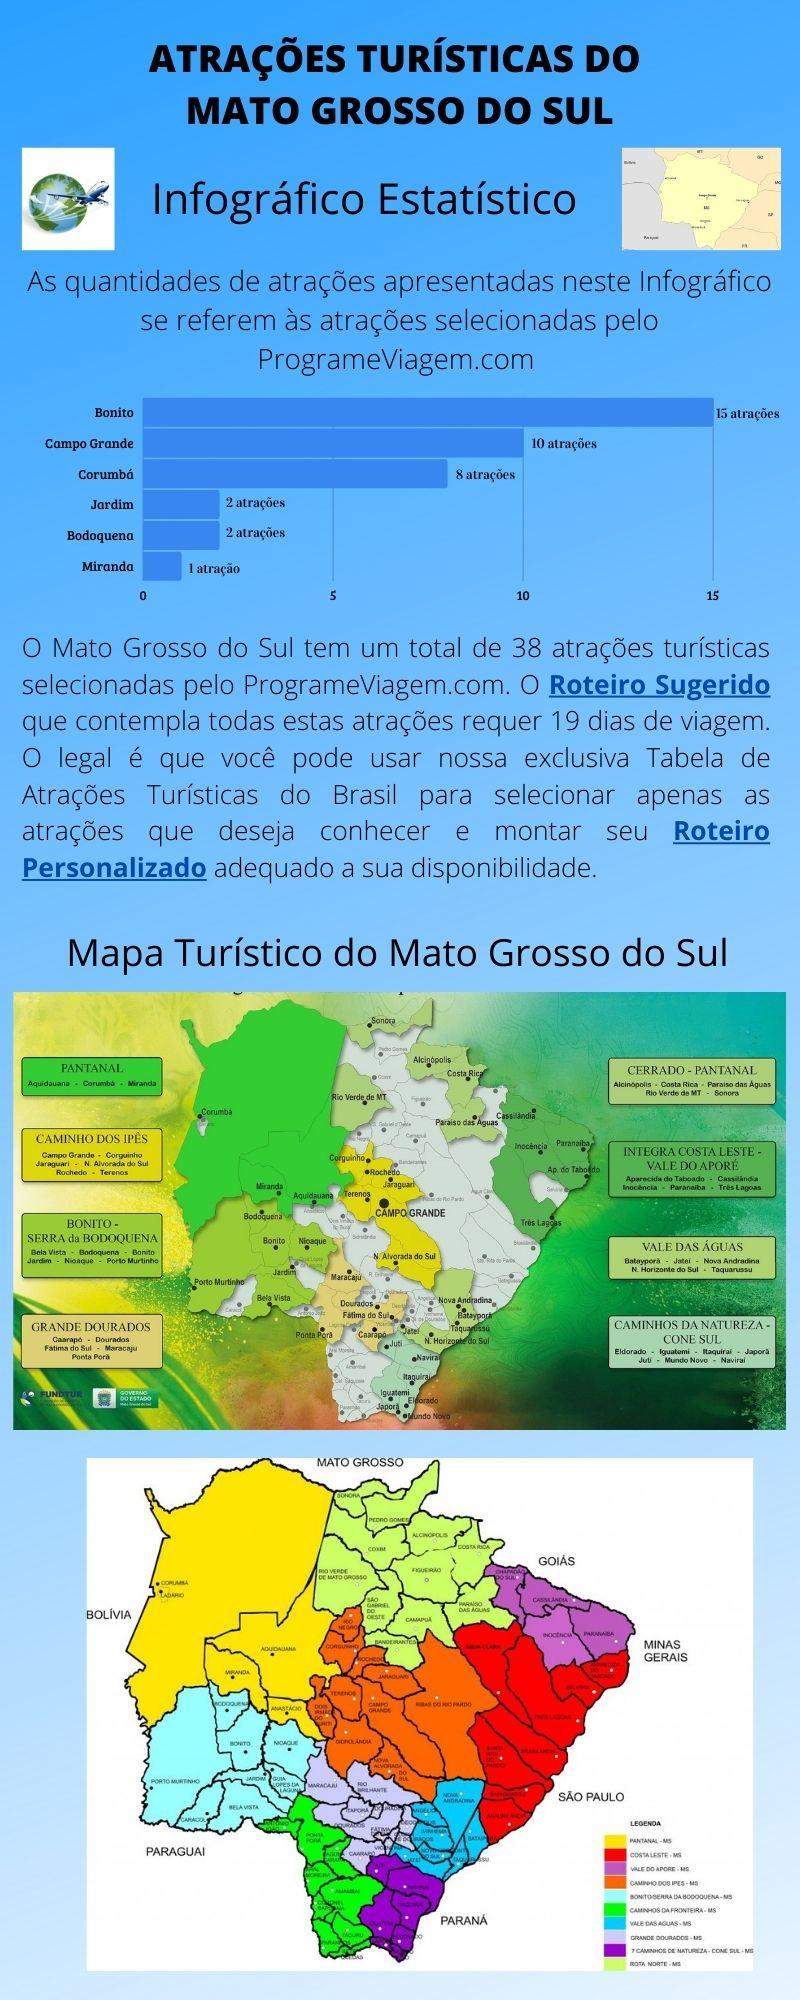 Infográfico Atrações Turísticas do Mato Grosso do Sul